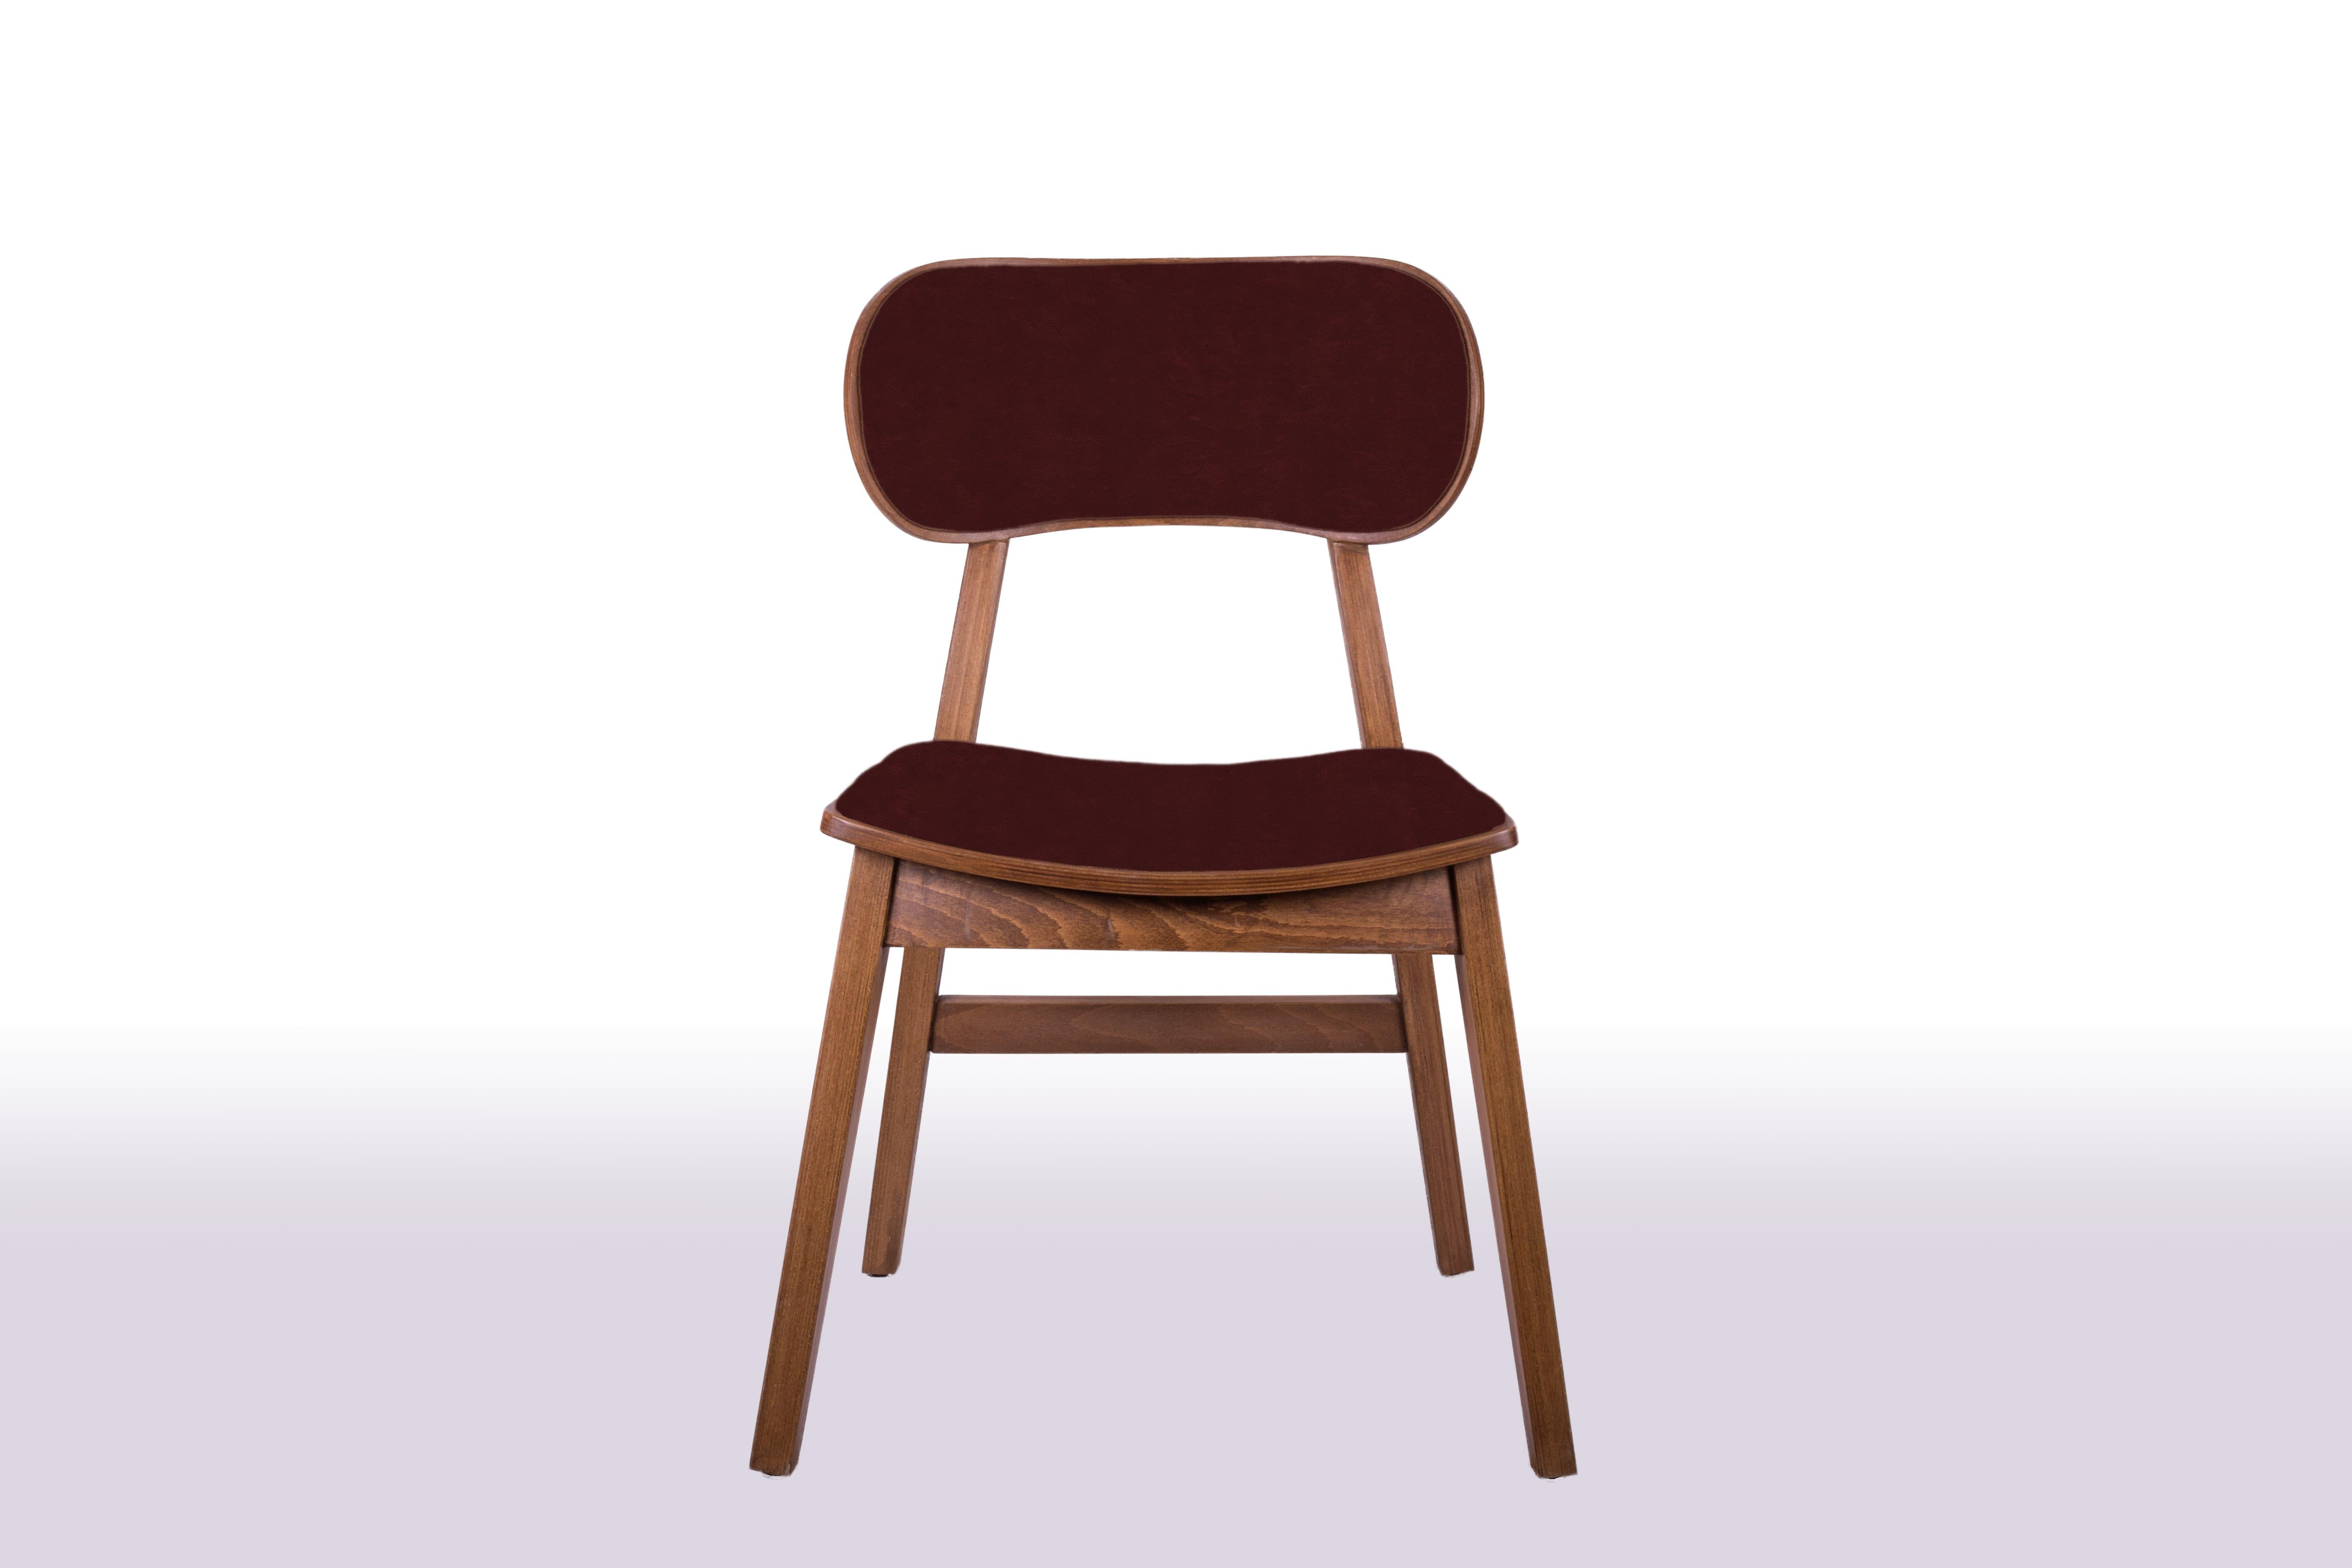 Cunda Sandalye Modeli Ön Görünüm